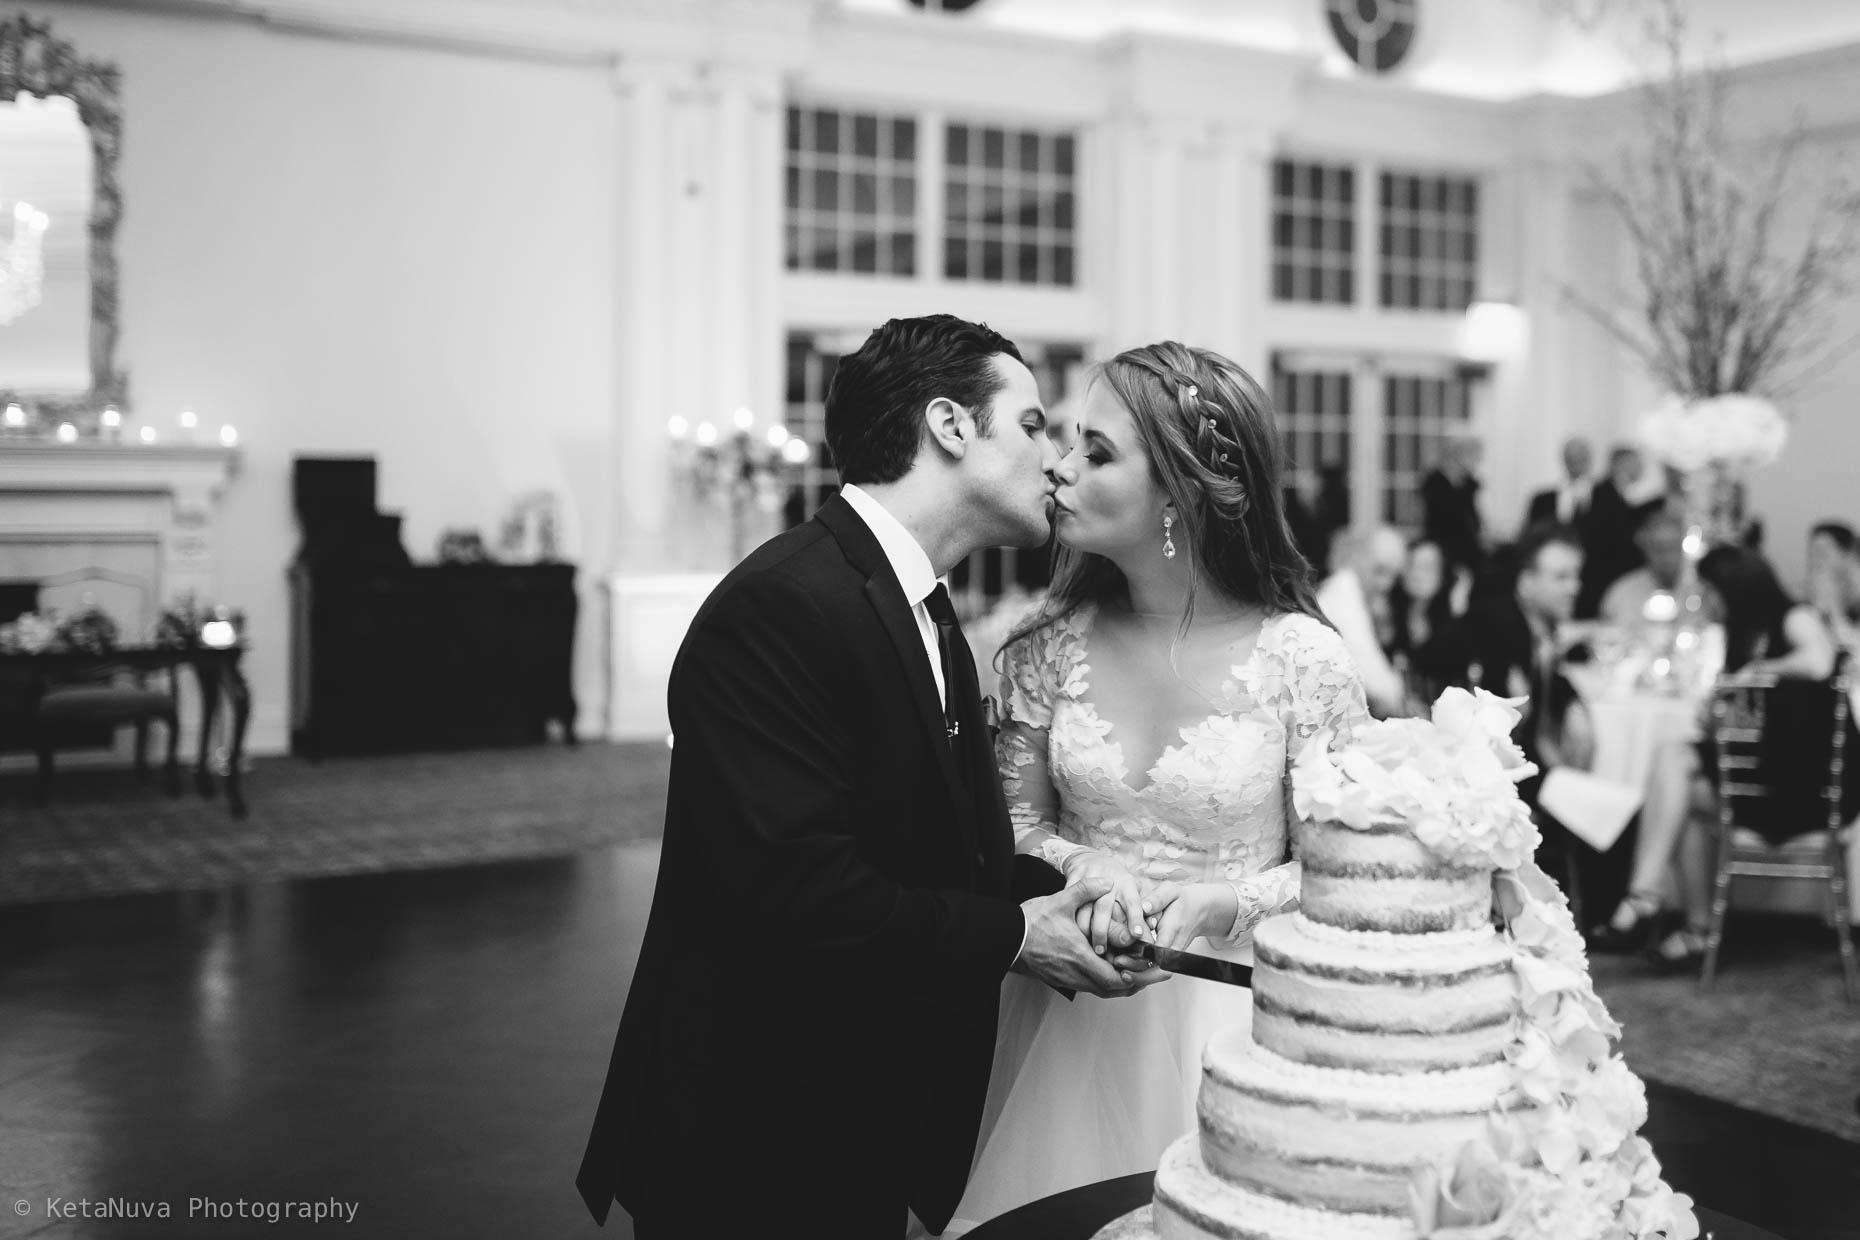 Park Chateau Estate Wedding | Sara & Bryan Park Chateau Estate Wedding Nj Wedding Photography 061